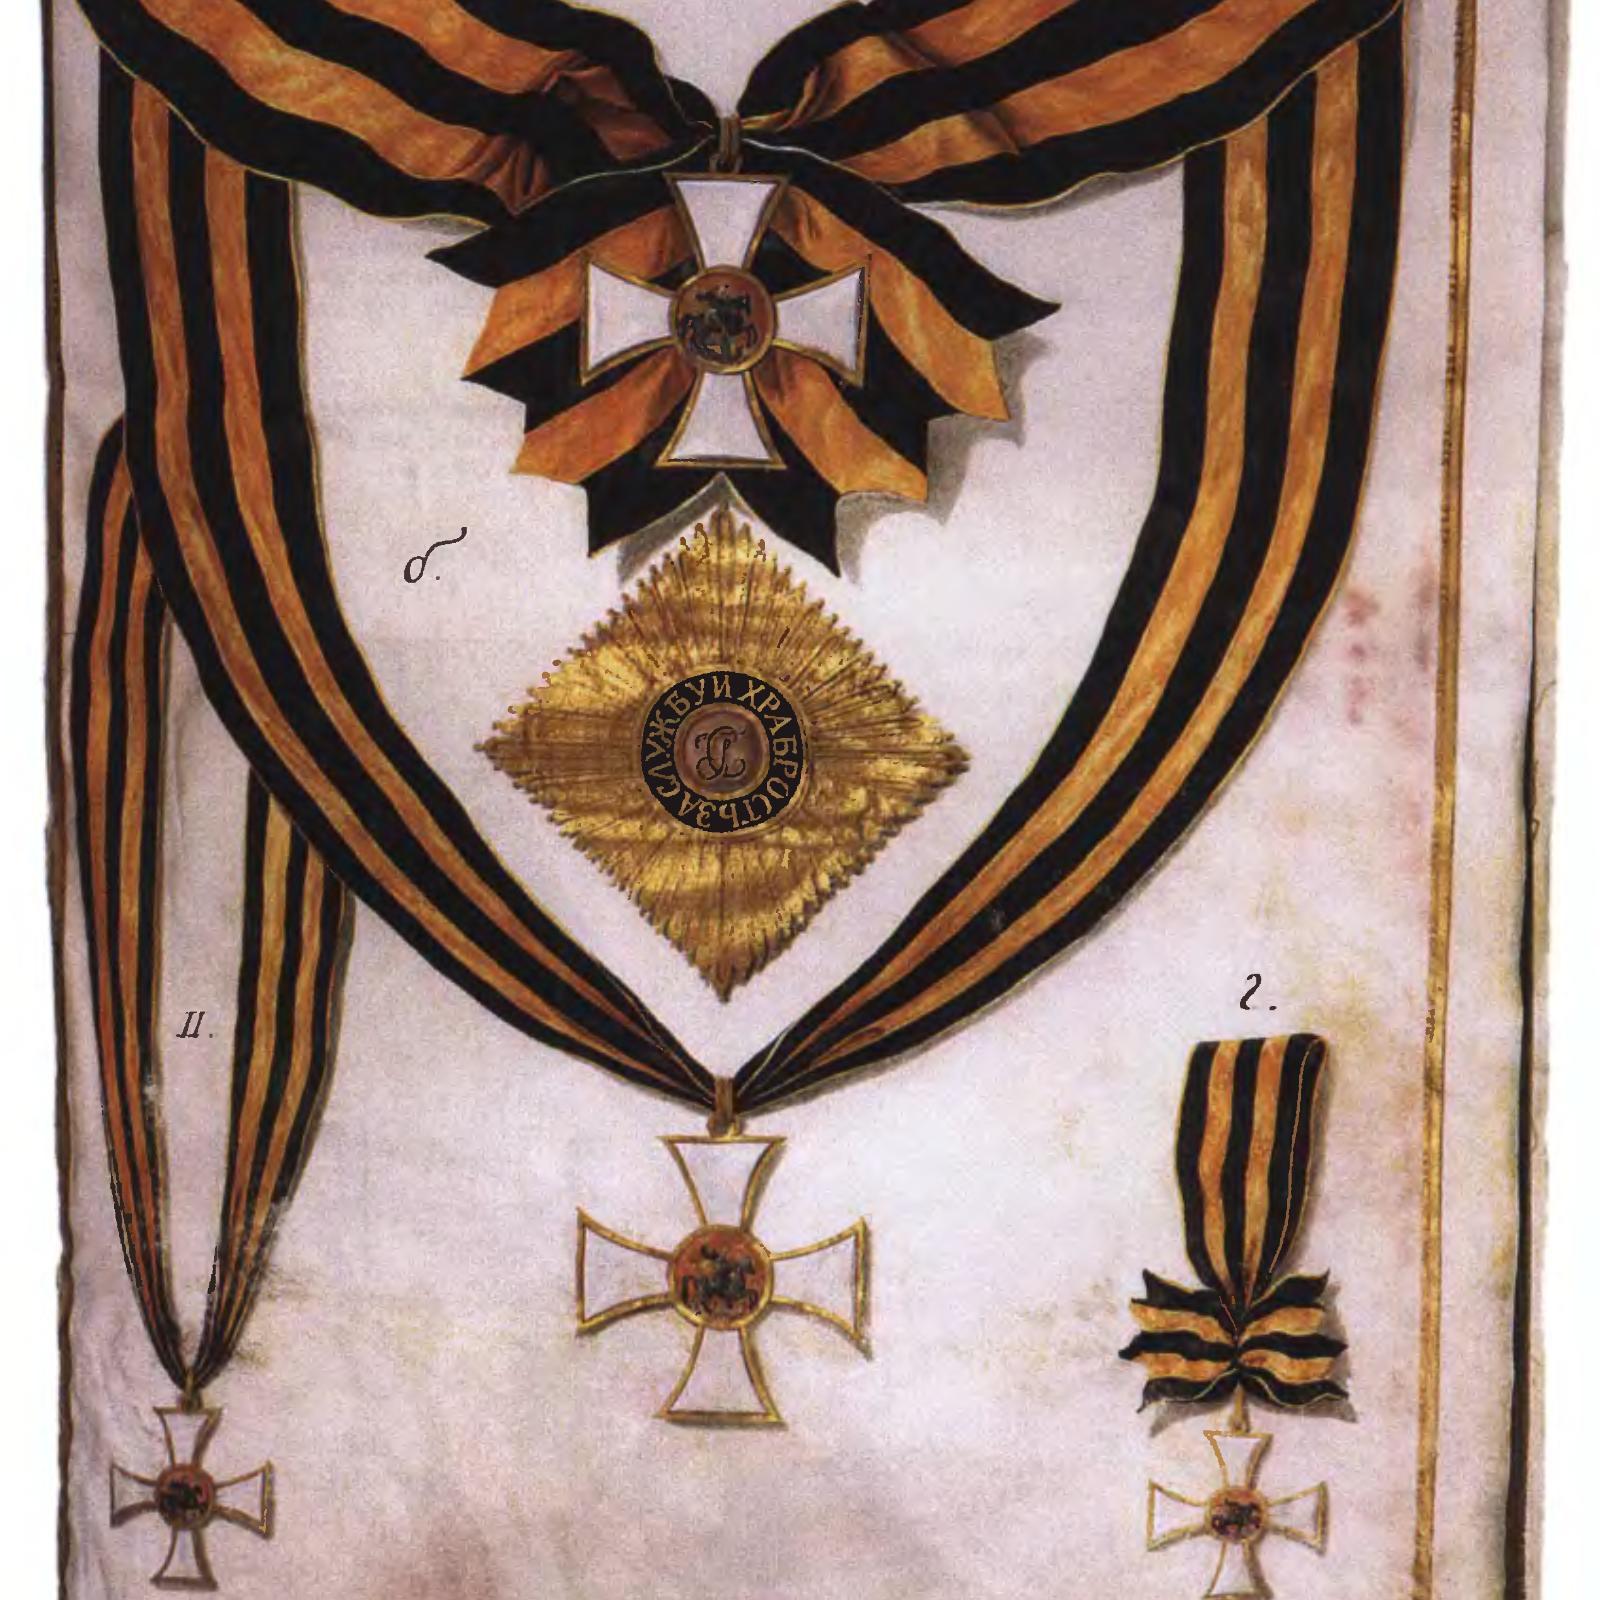 Знаки ордена св. Георгия из статута 1769 г.